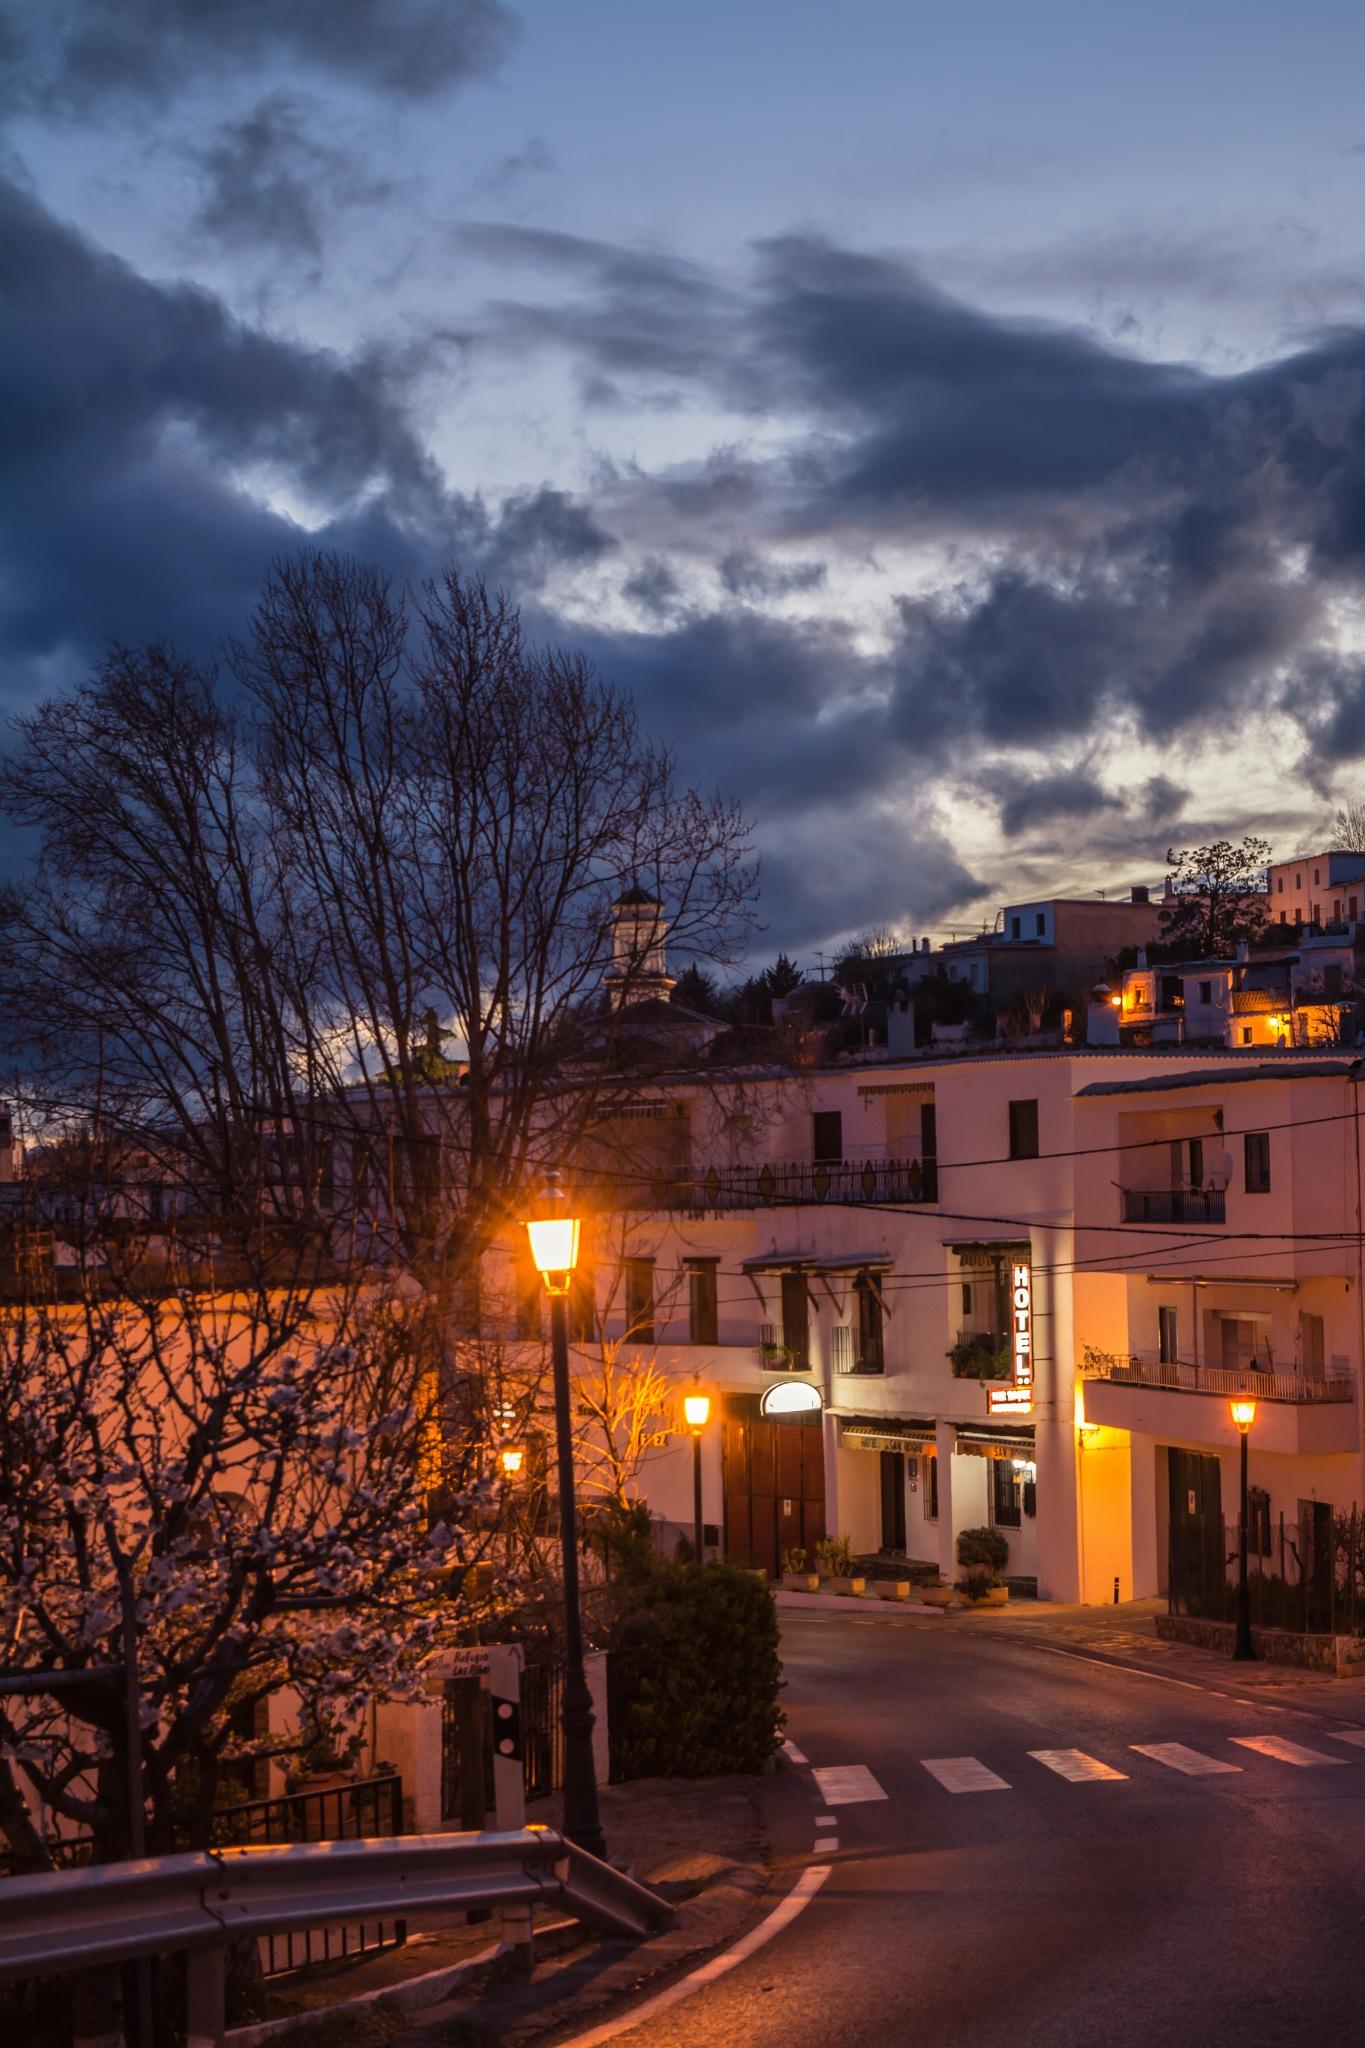 Atardecer en la Alpujarra by Francisco guirado